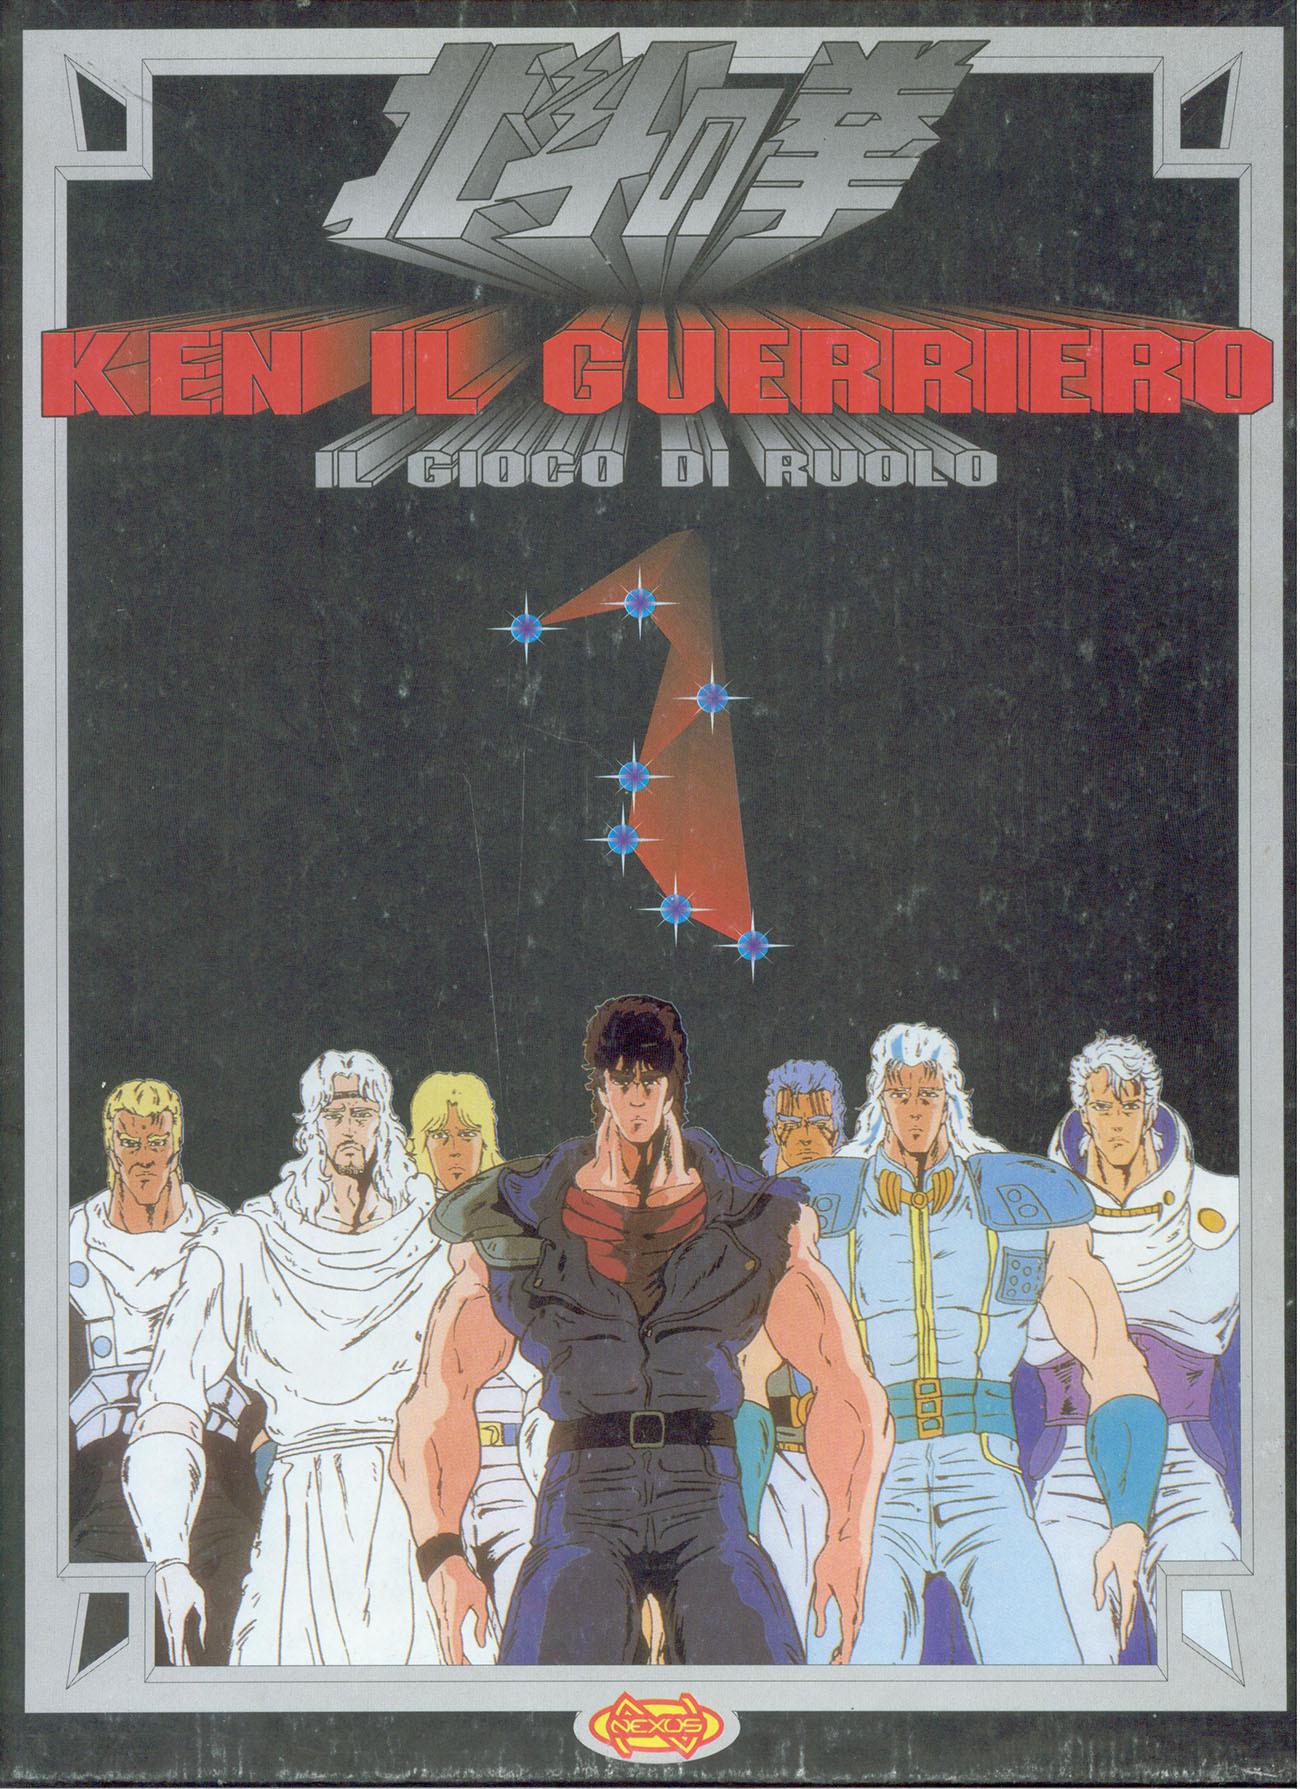 Ken il guerriero, il gioco di ruolo